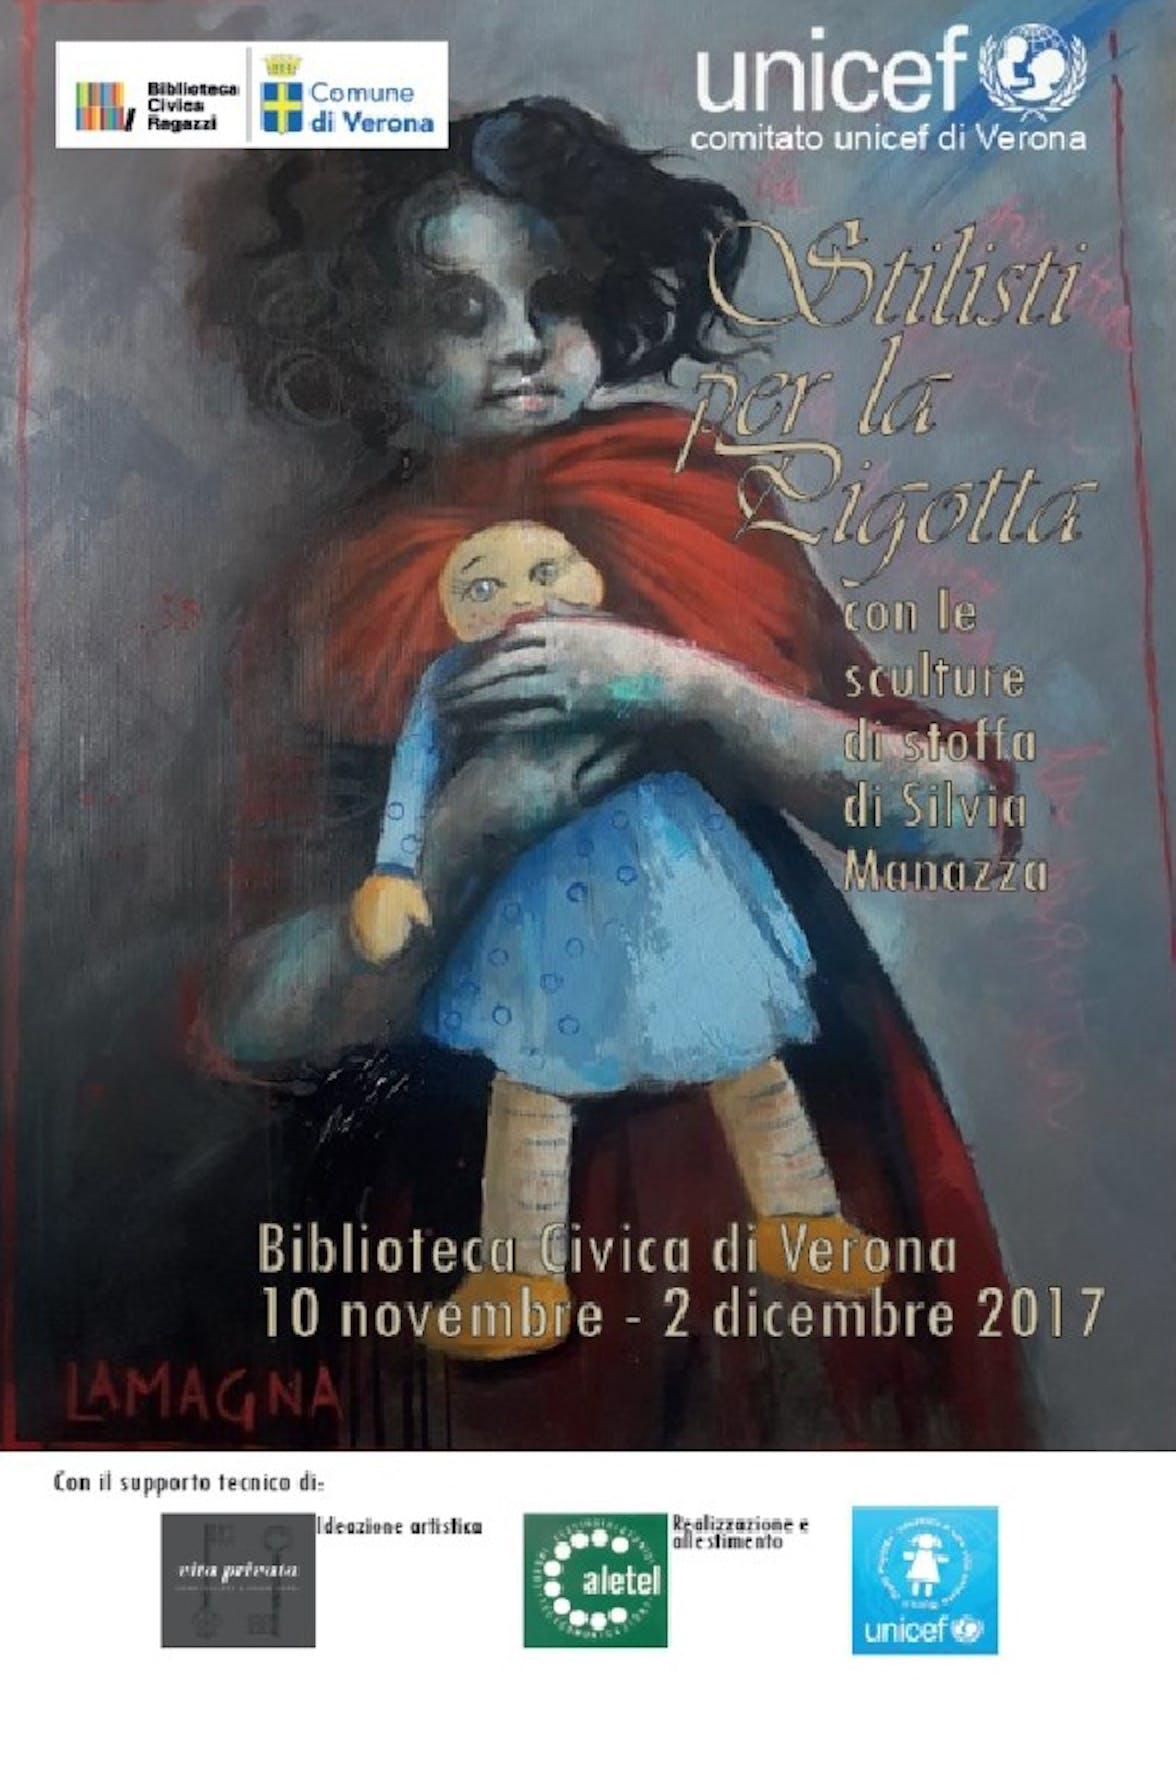 Stilisti per la Pigotta a Verona